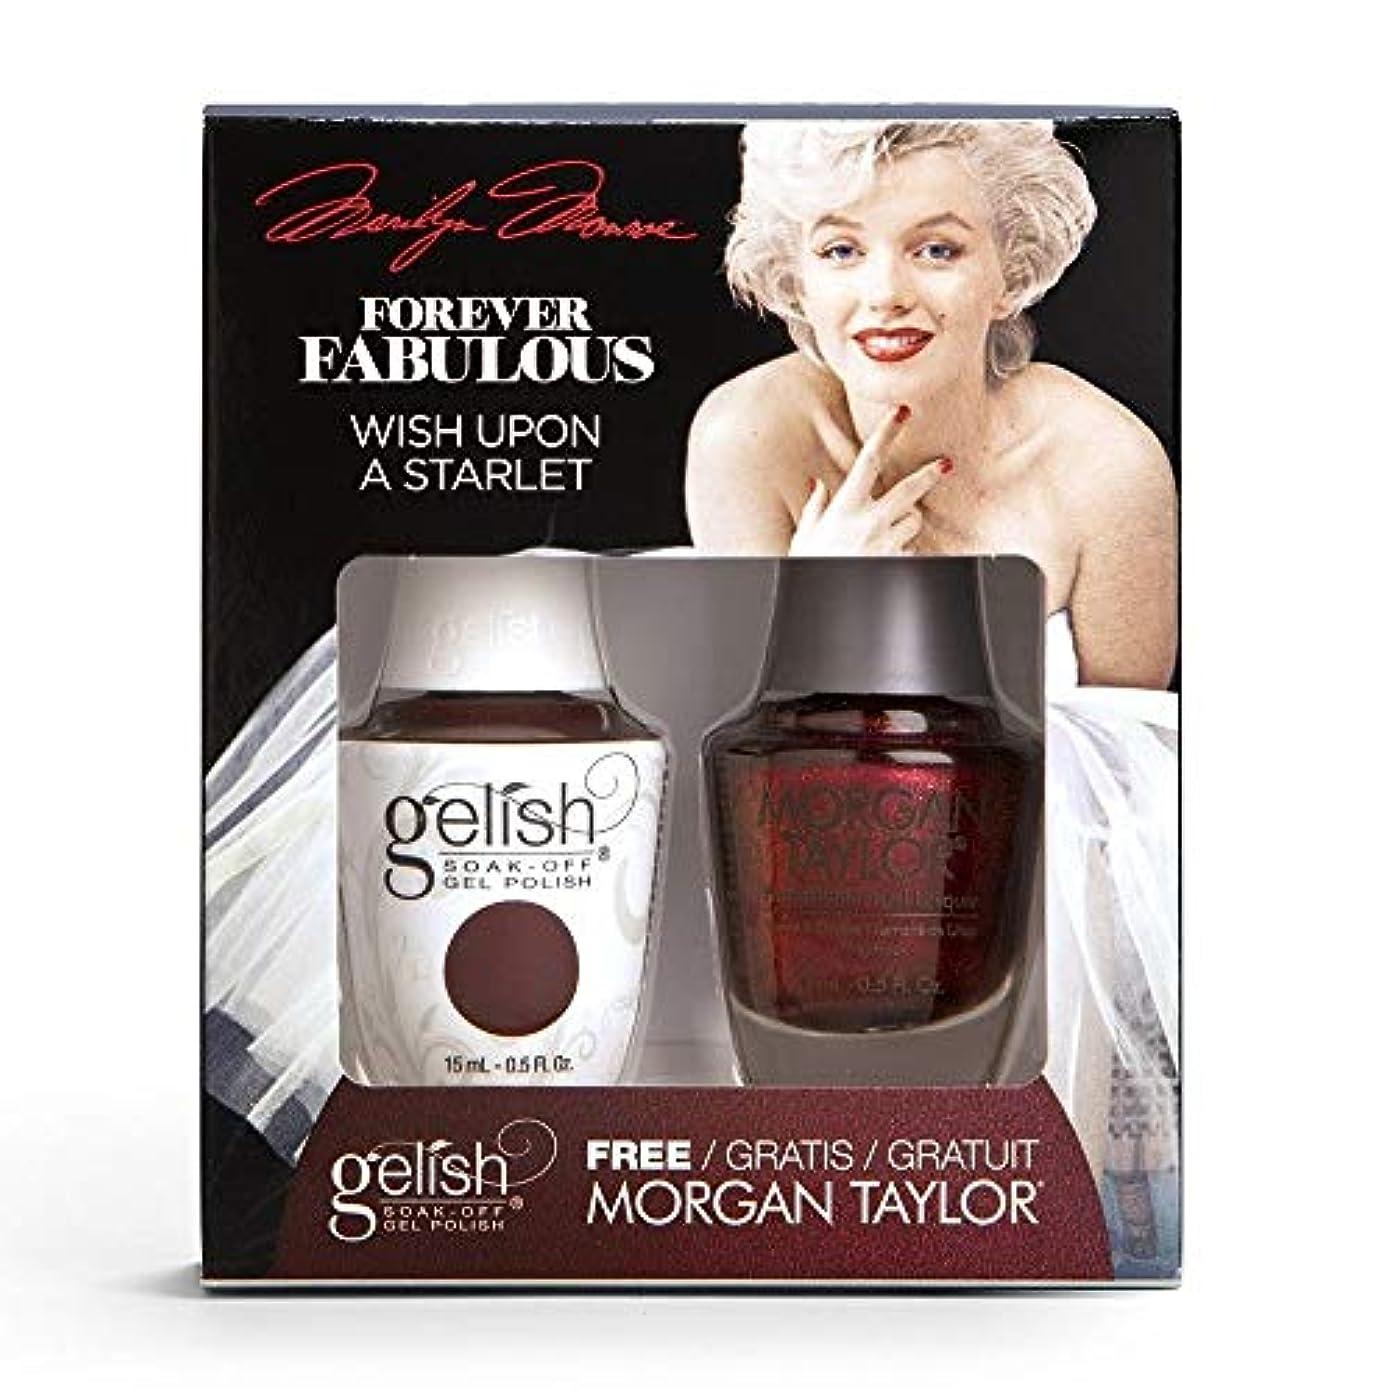 唯一素晴らしいです解釈Harmony Gelish & Morgan Taylor - Two Of A Kind - Forever Fabulous Marilyn Monroe - Wish Upon A Starlet - 15 mL...